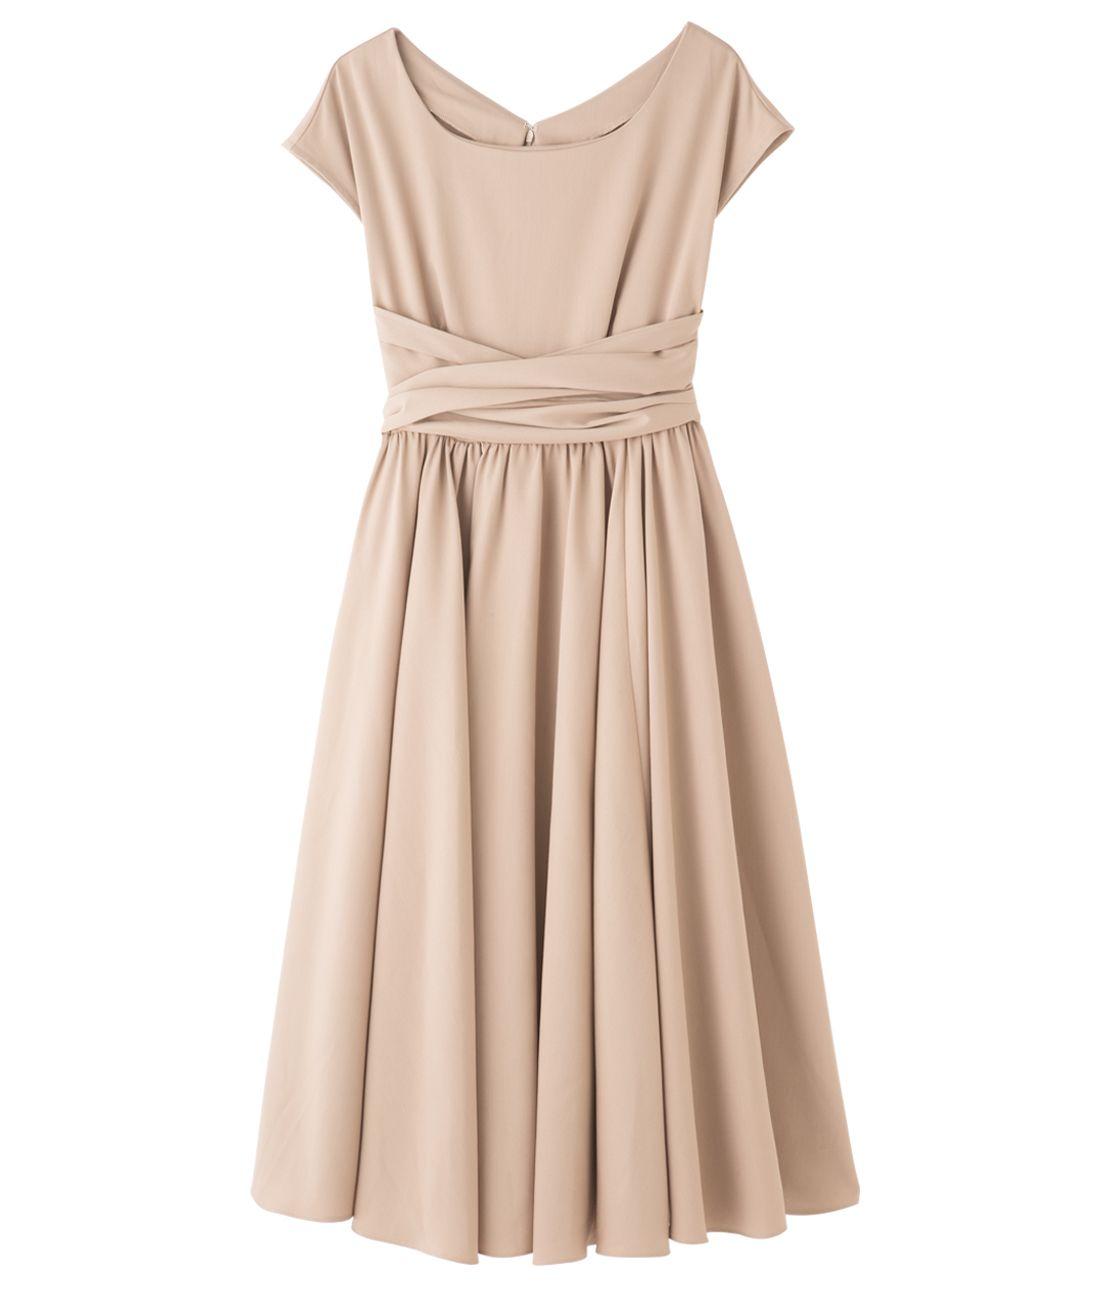 West Shape dress